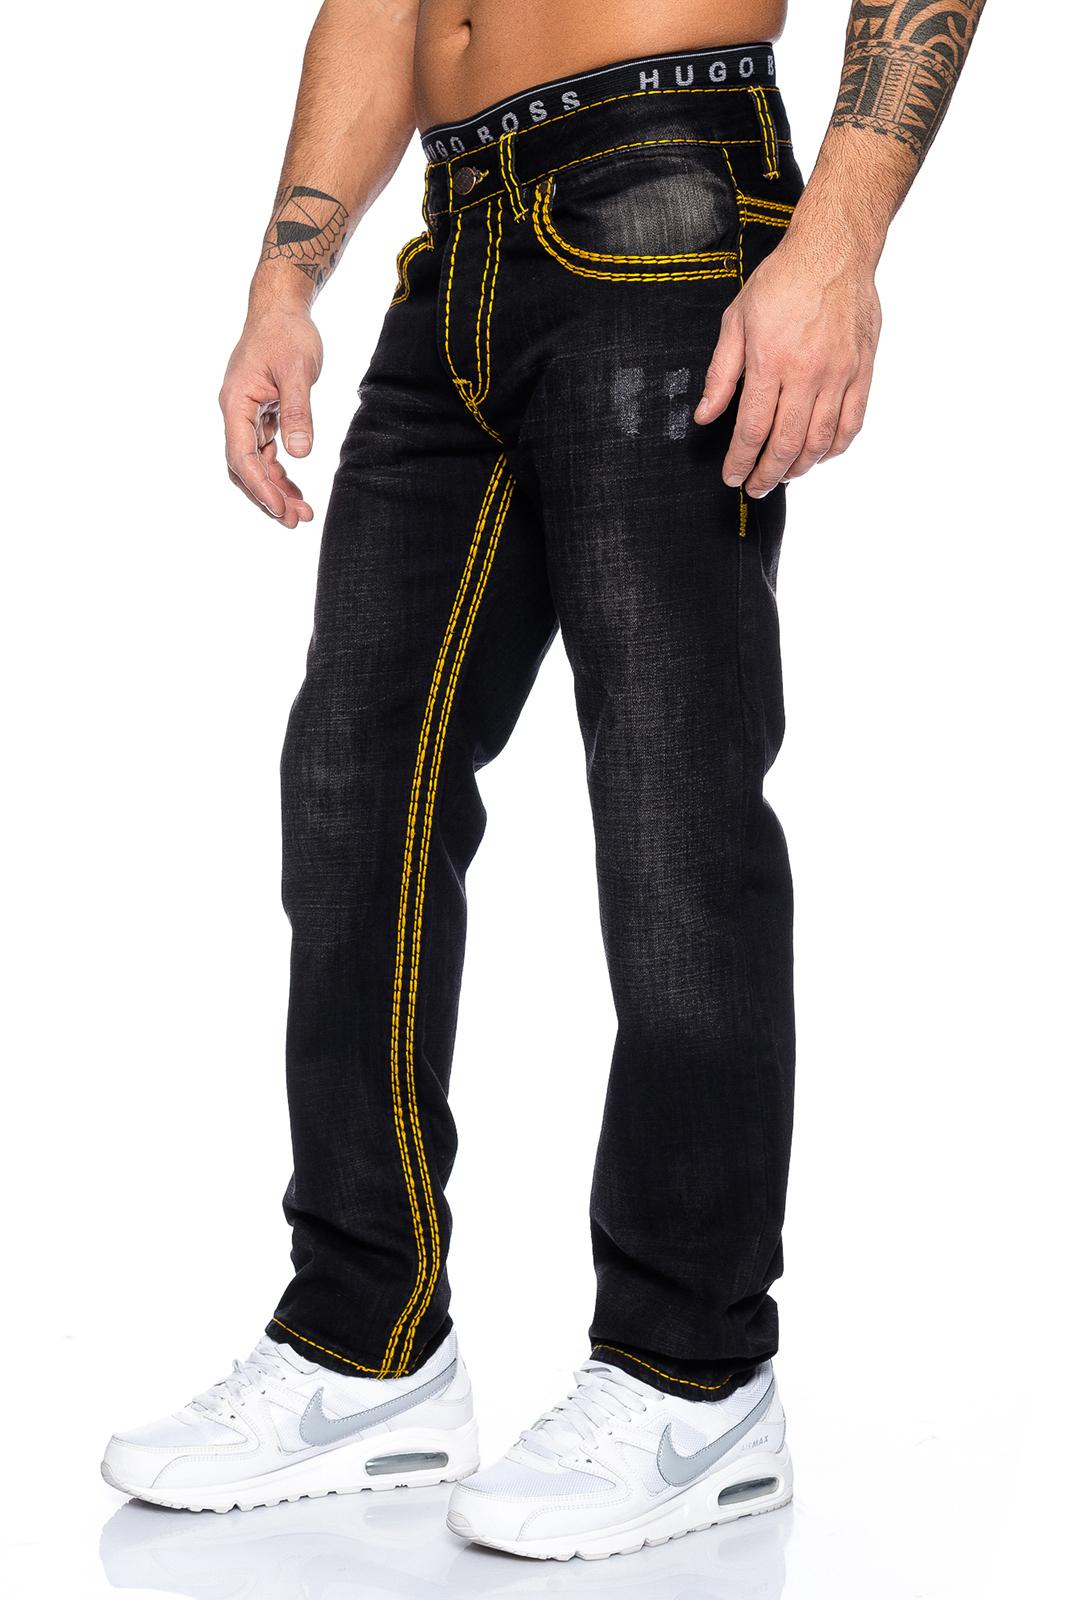 rock creek designer herren jeans hose denim schwarz used. Black Bedroom Furniture Sets. Home Design Ideas